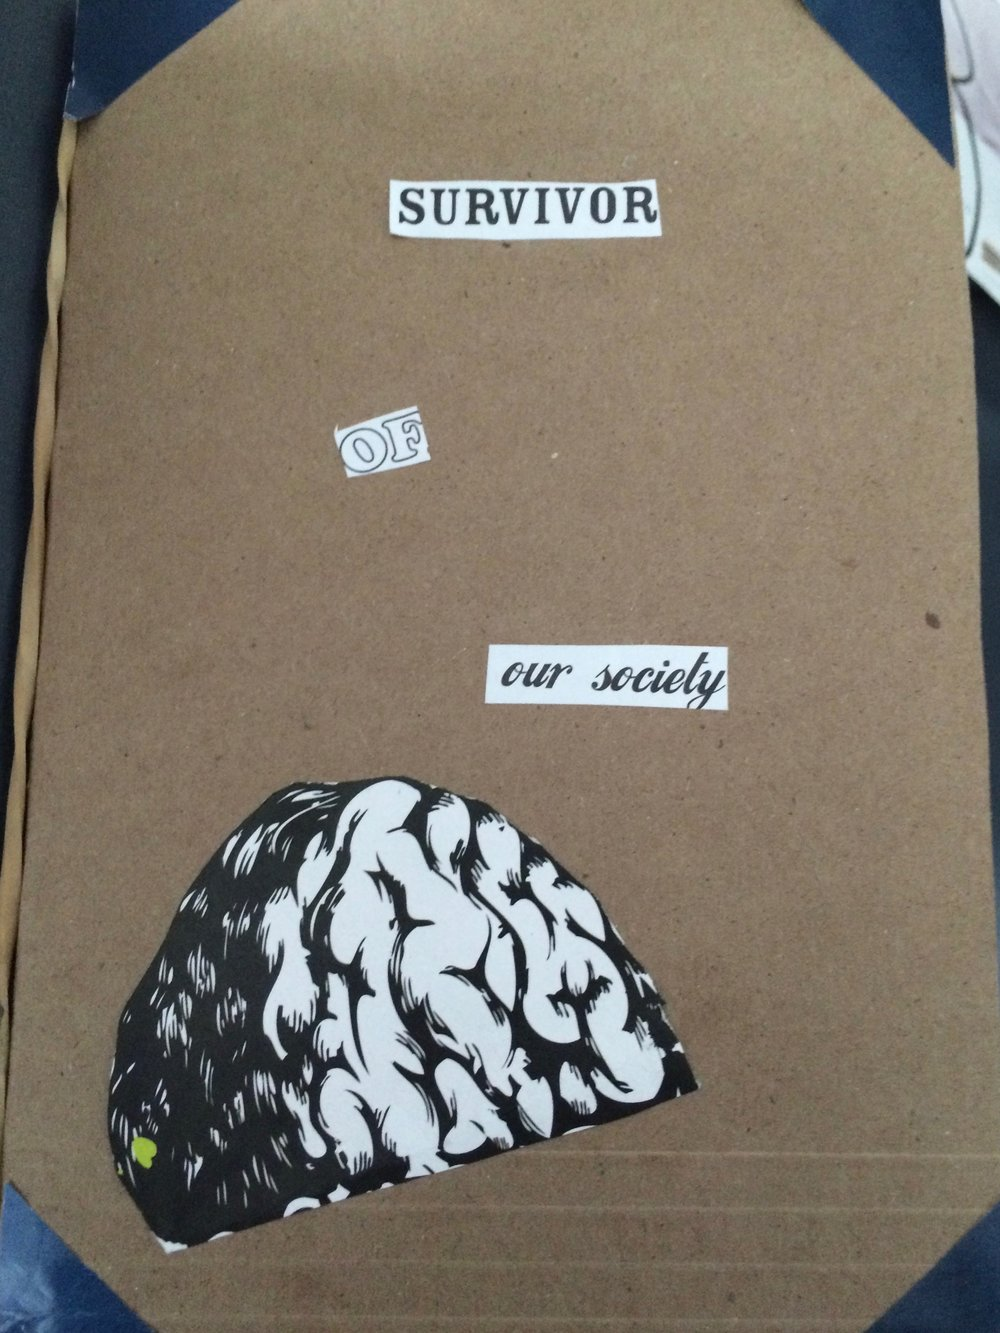 SurvivorofSociety.jpg